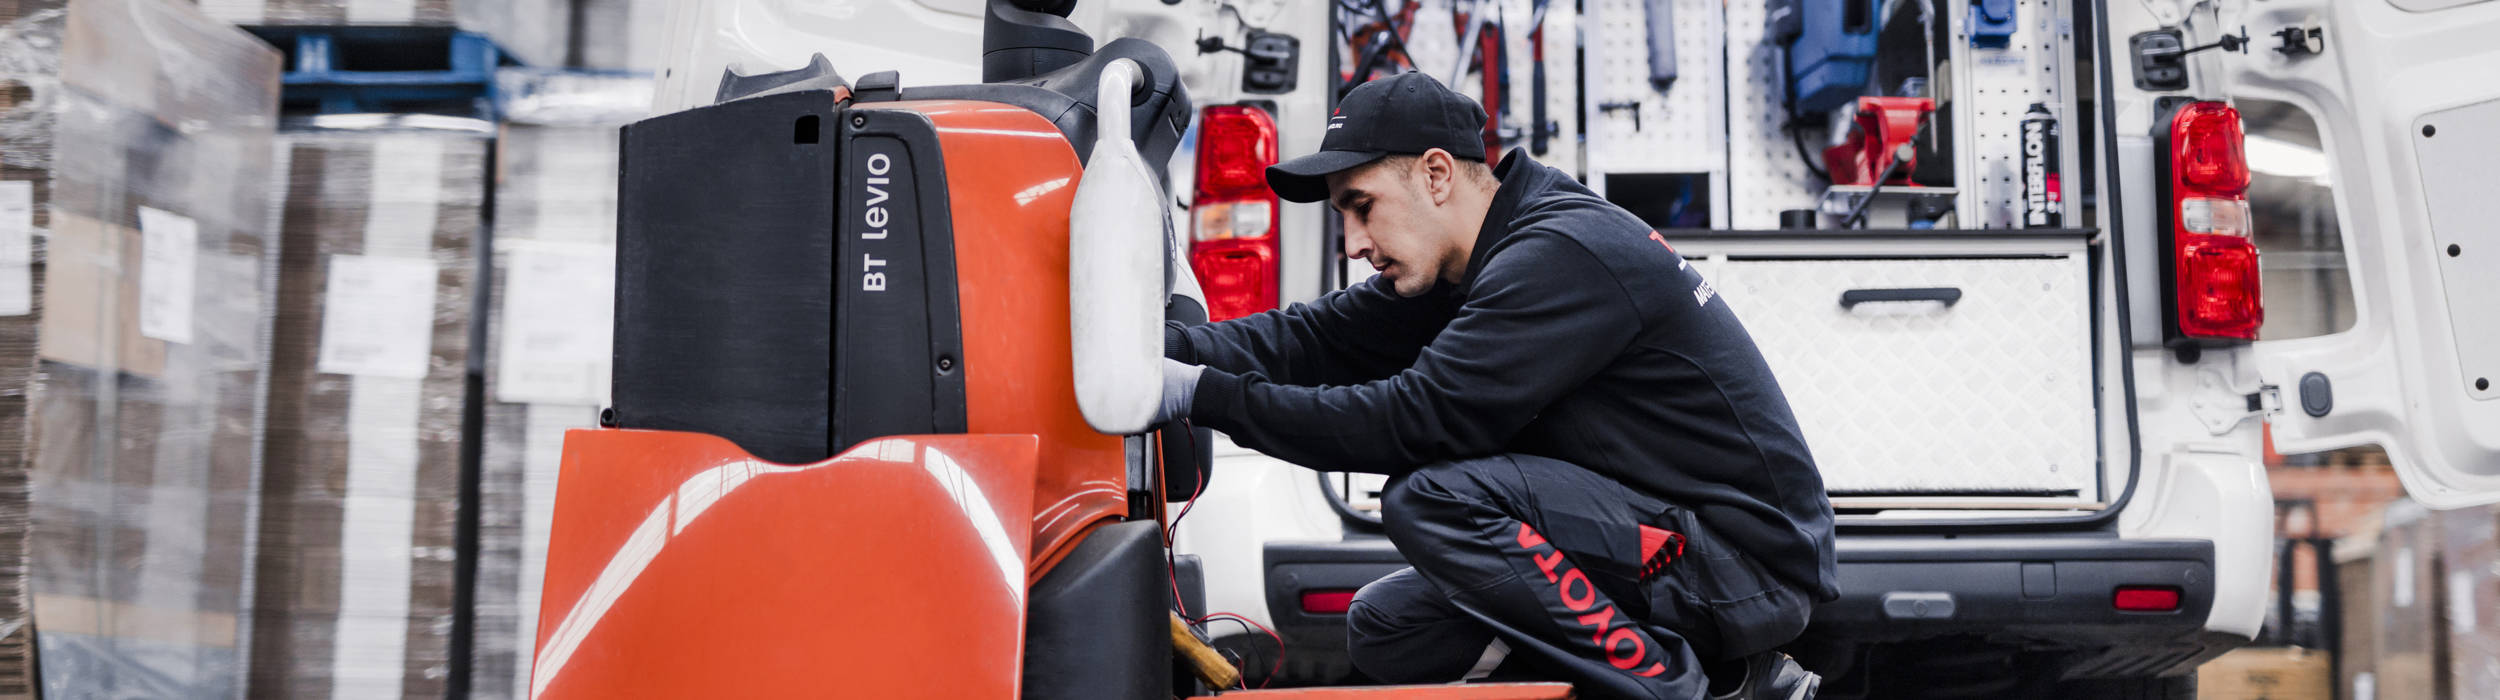 Technicien SAV Toyota Material Handling qui assure la réparation d'un chariot élévateur